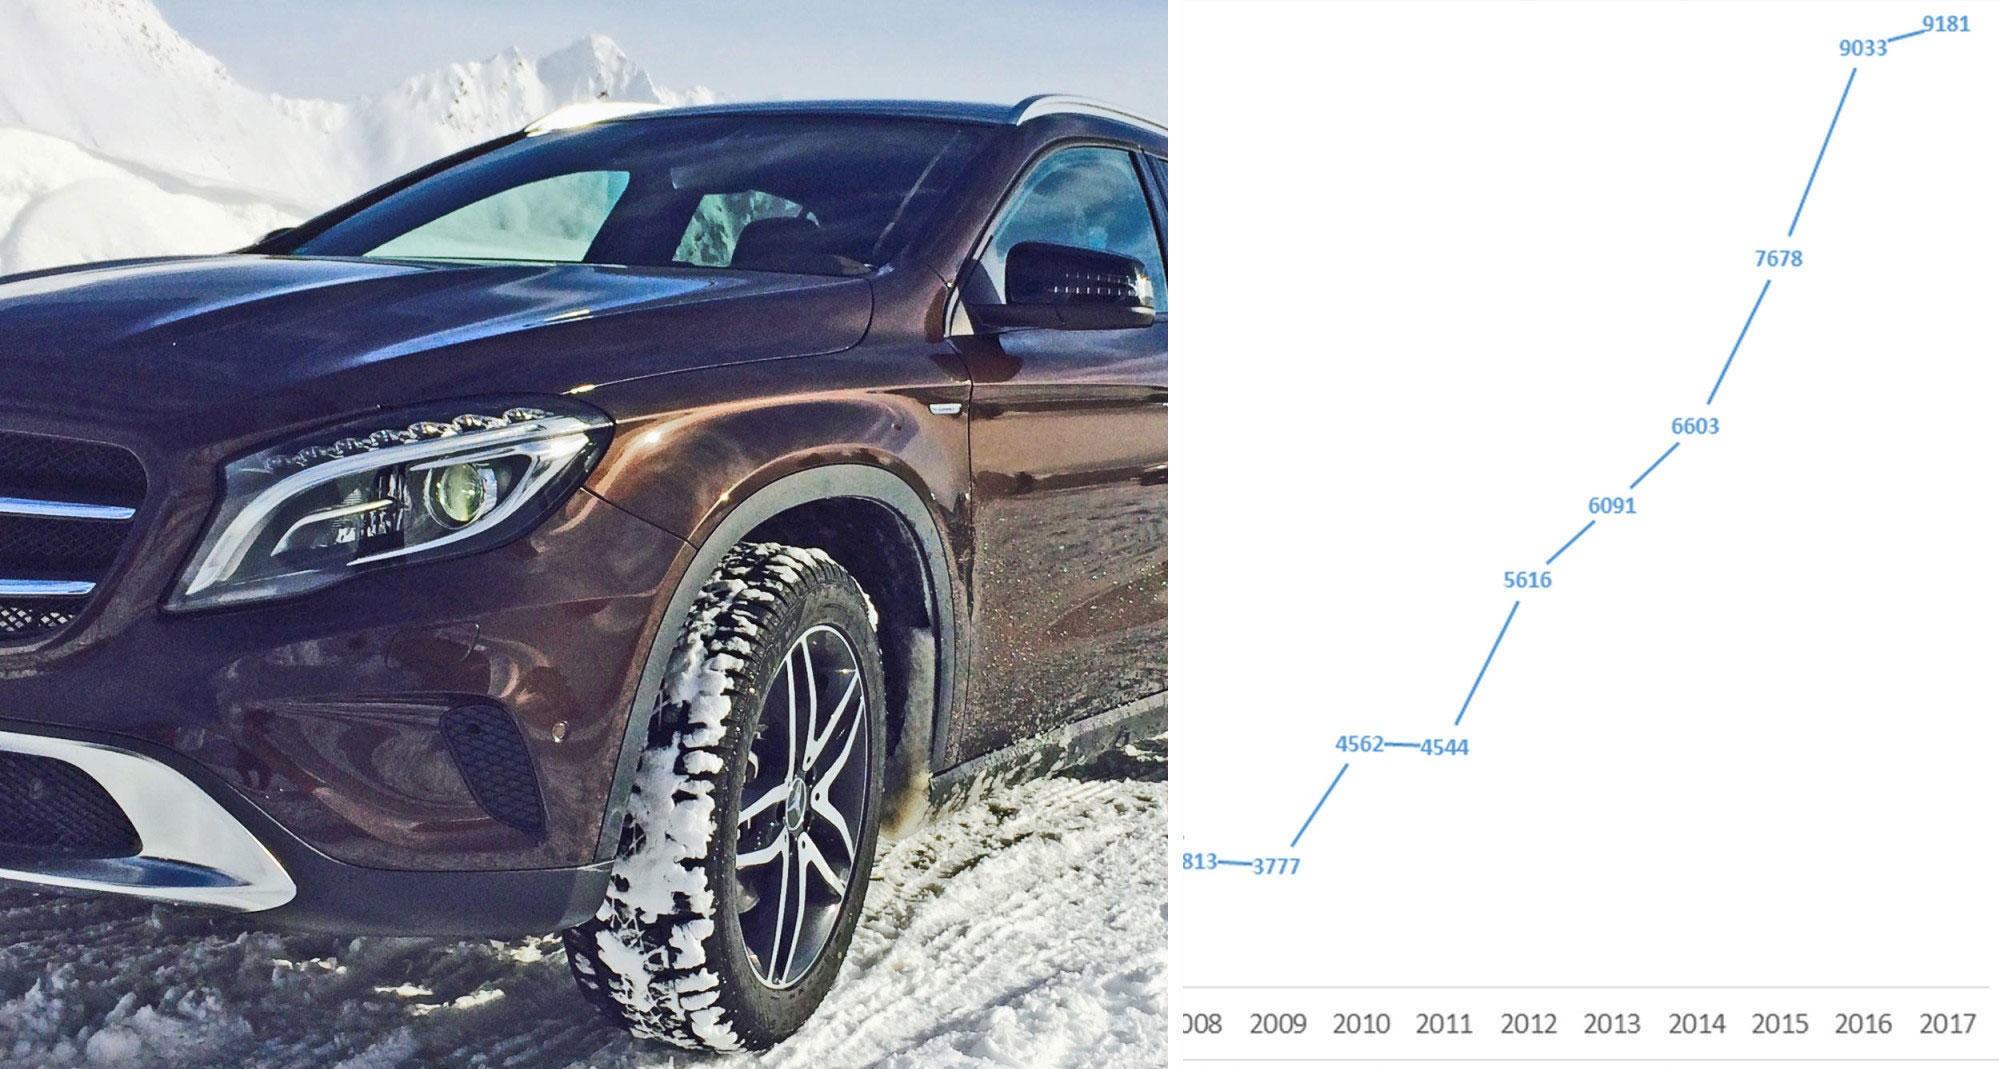 Mercedes selger biler i et enormt tempo, om dagen. 2017 er allerede bedre enn rekordåret i fjor. Og utviklingen har gått bratt oppover hvert år siden 2011. Illustrasjonsfoto